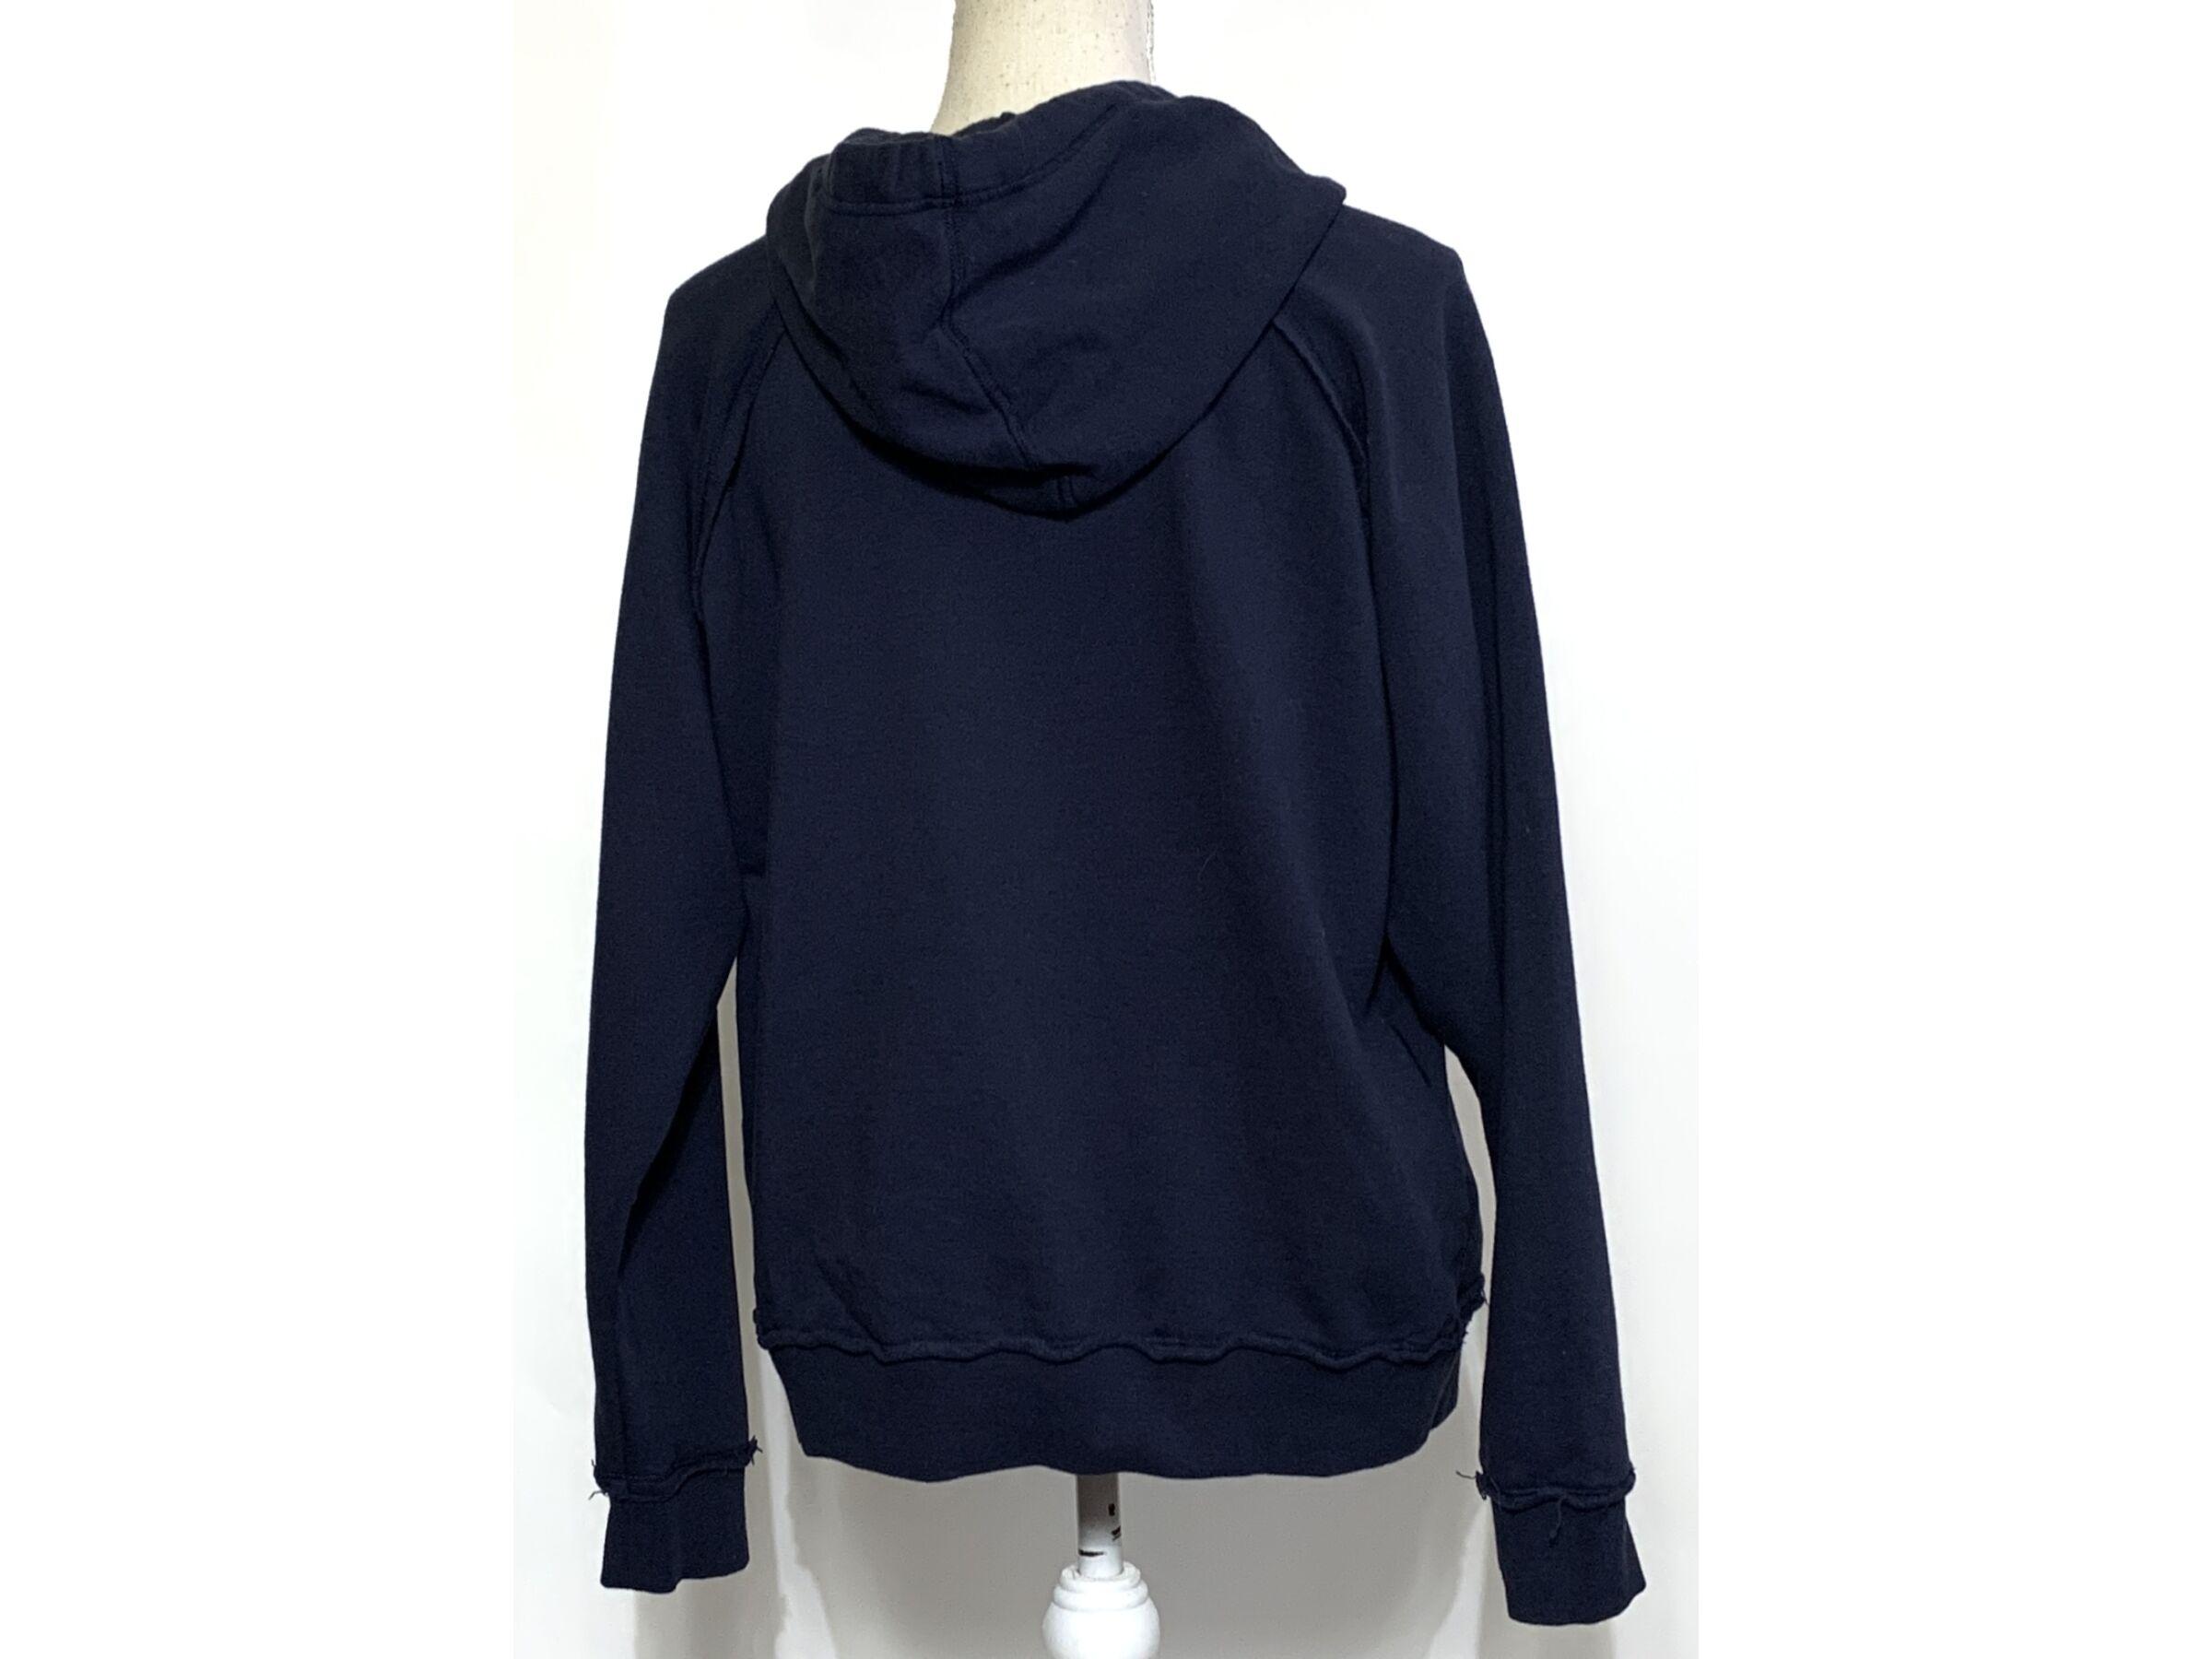 New Era pulóver (L)